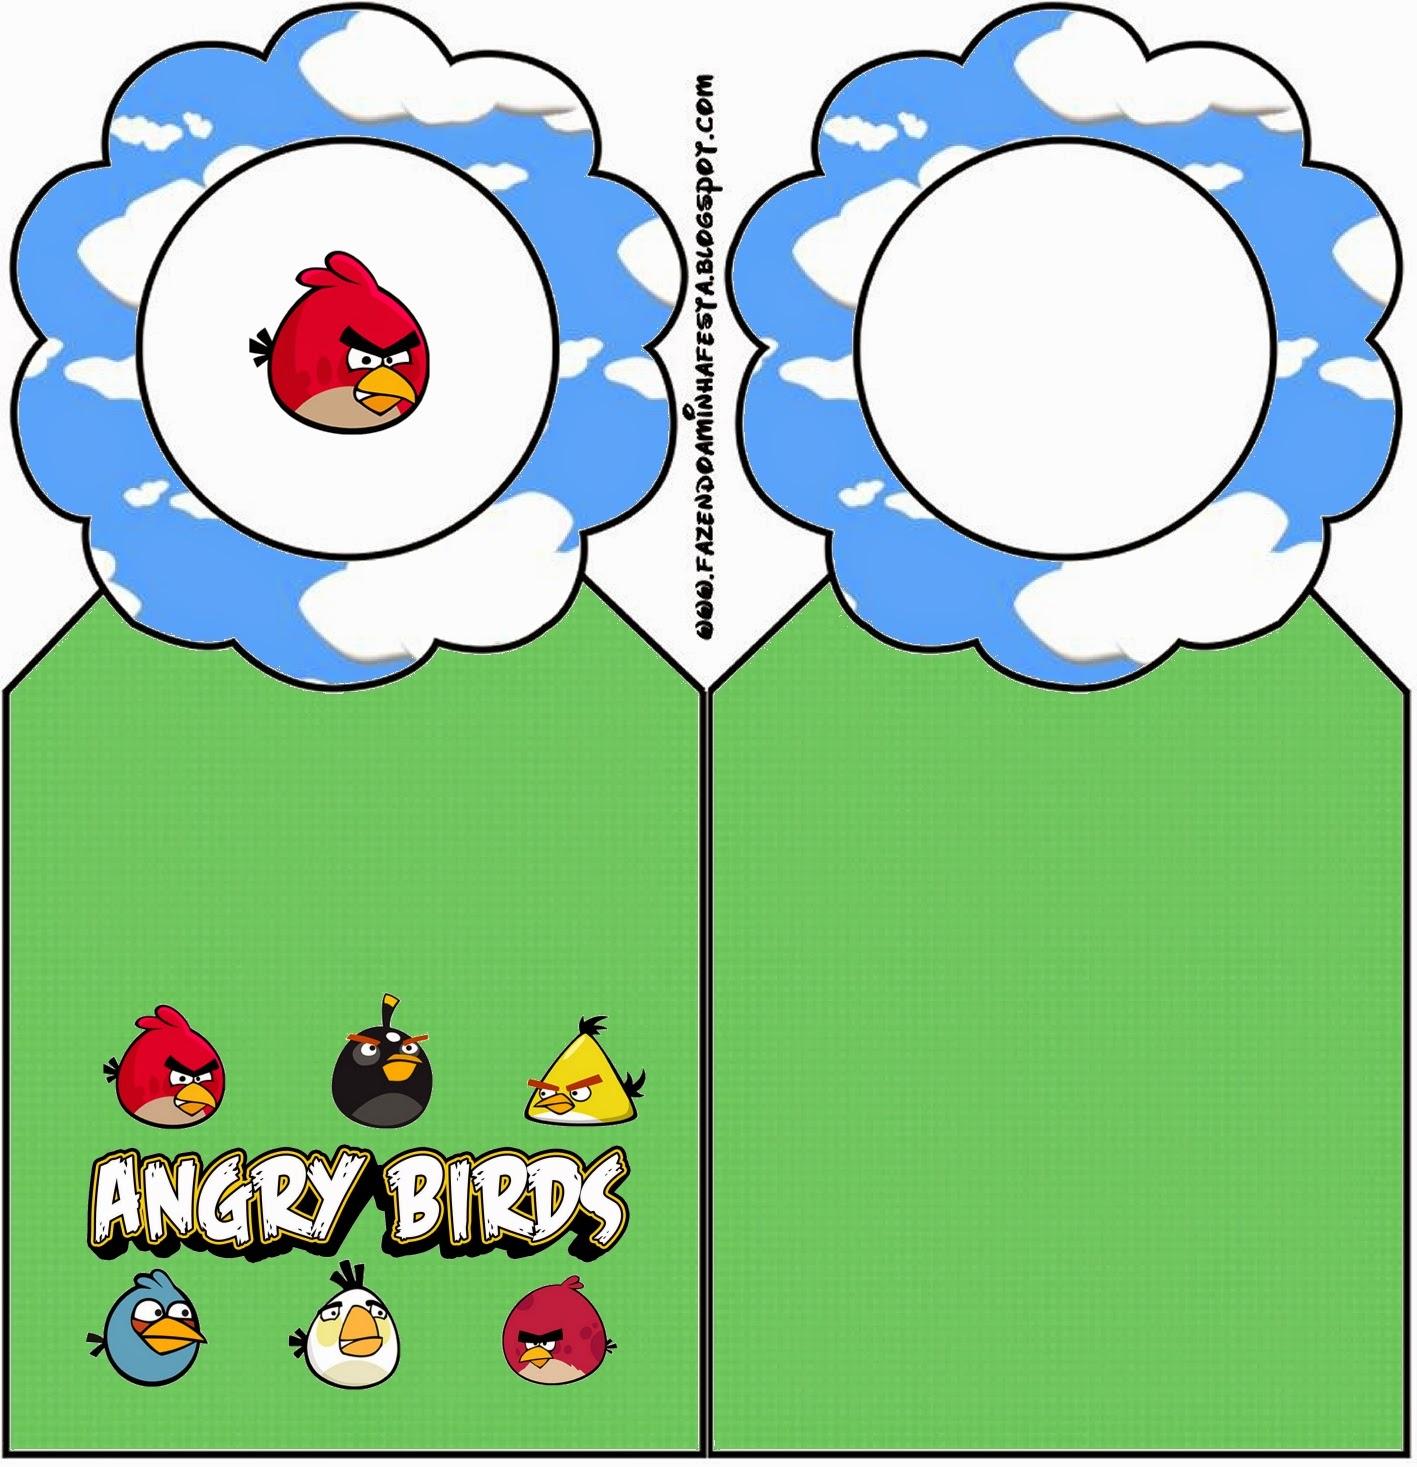 Para marcapáginas de Angry birds con Nubes.